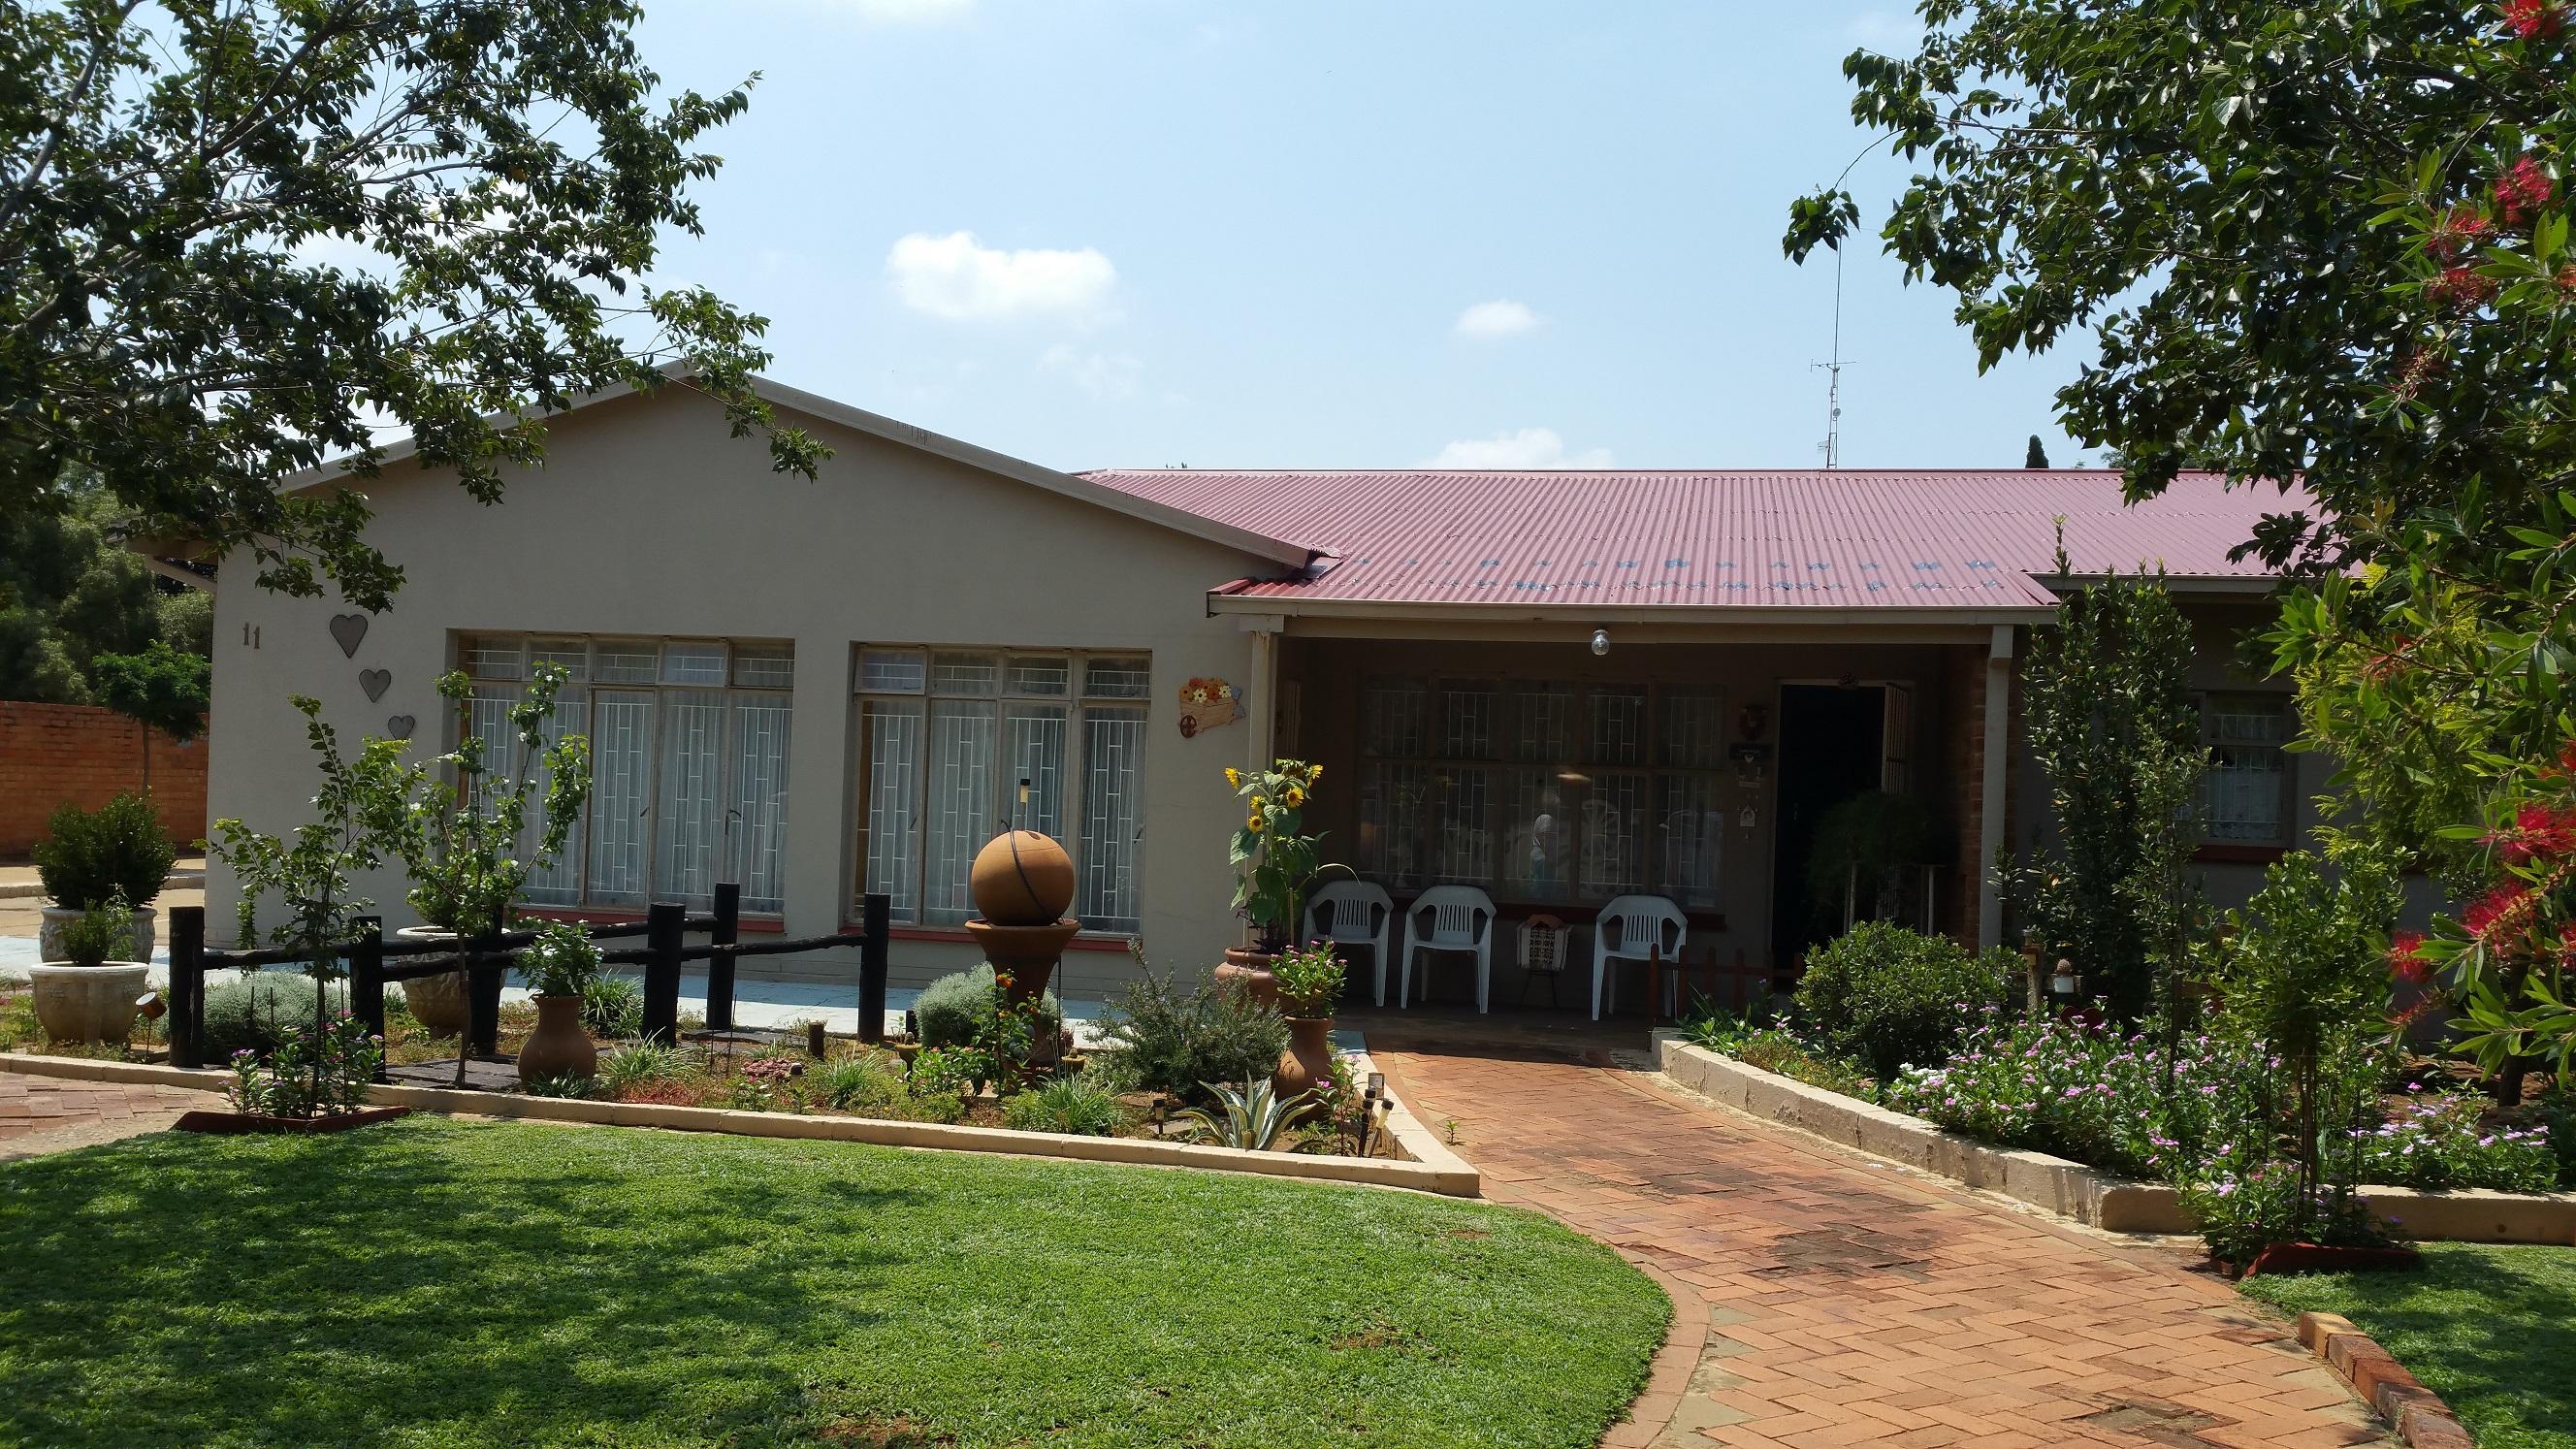 Te koop 4slk woonhuis in hoopstad voortrekkerstr 10 for Dubbel woonhuis te koop